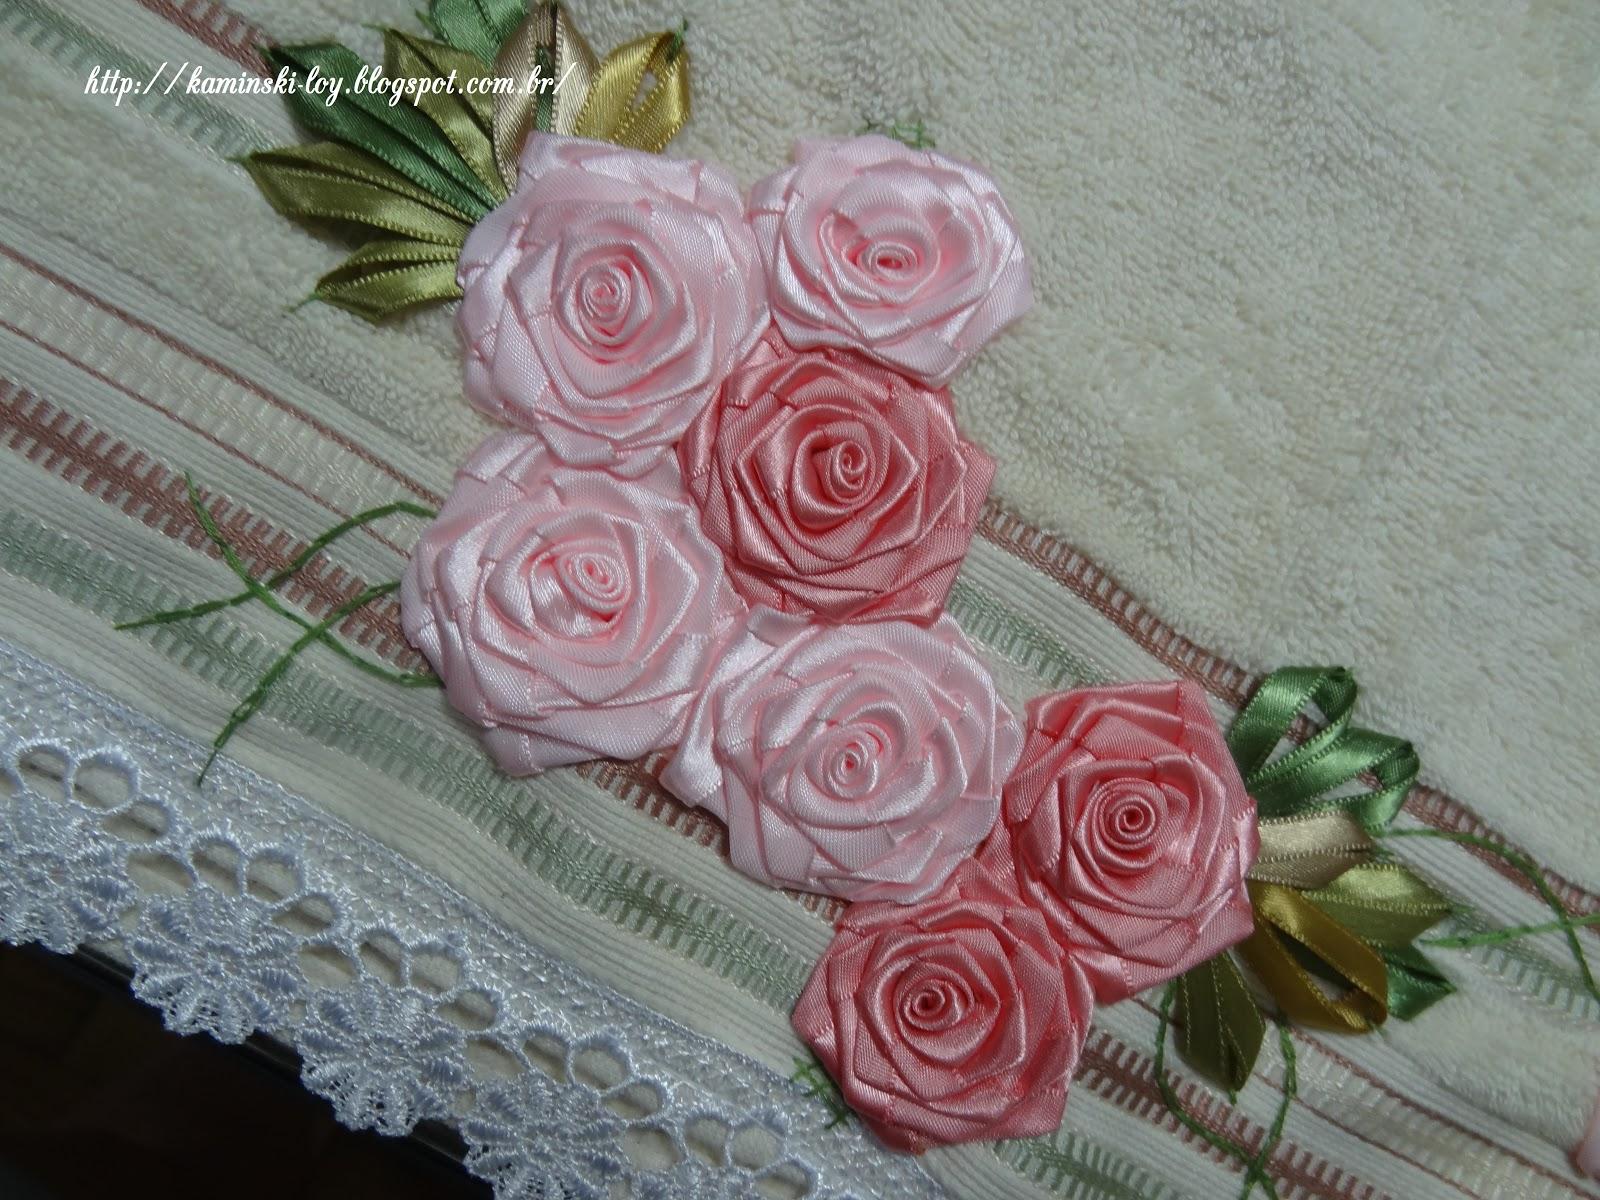 : Conjunto de toalhas Karsten, bordadas com flores de fitas em cetim